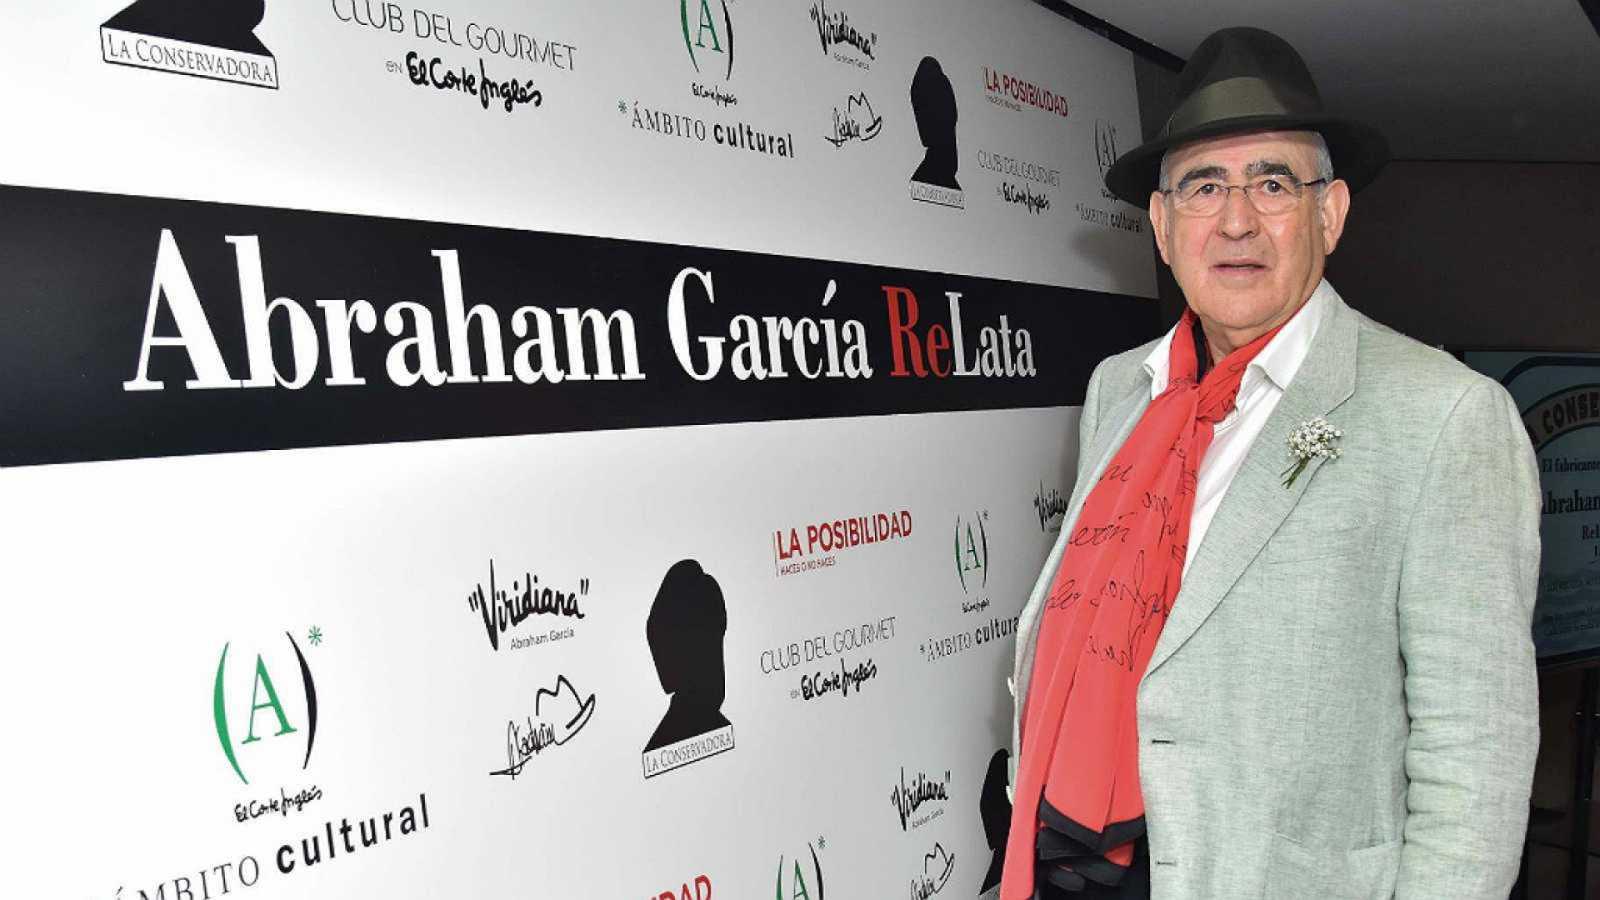 Degustar España - Abraham García, todo un maestro - 12/09/20 - Escuchar ahora